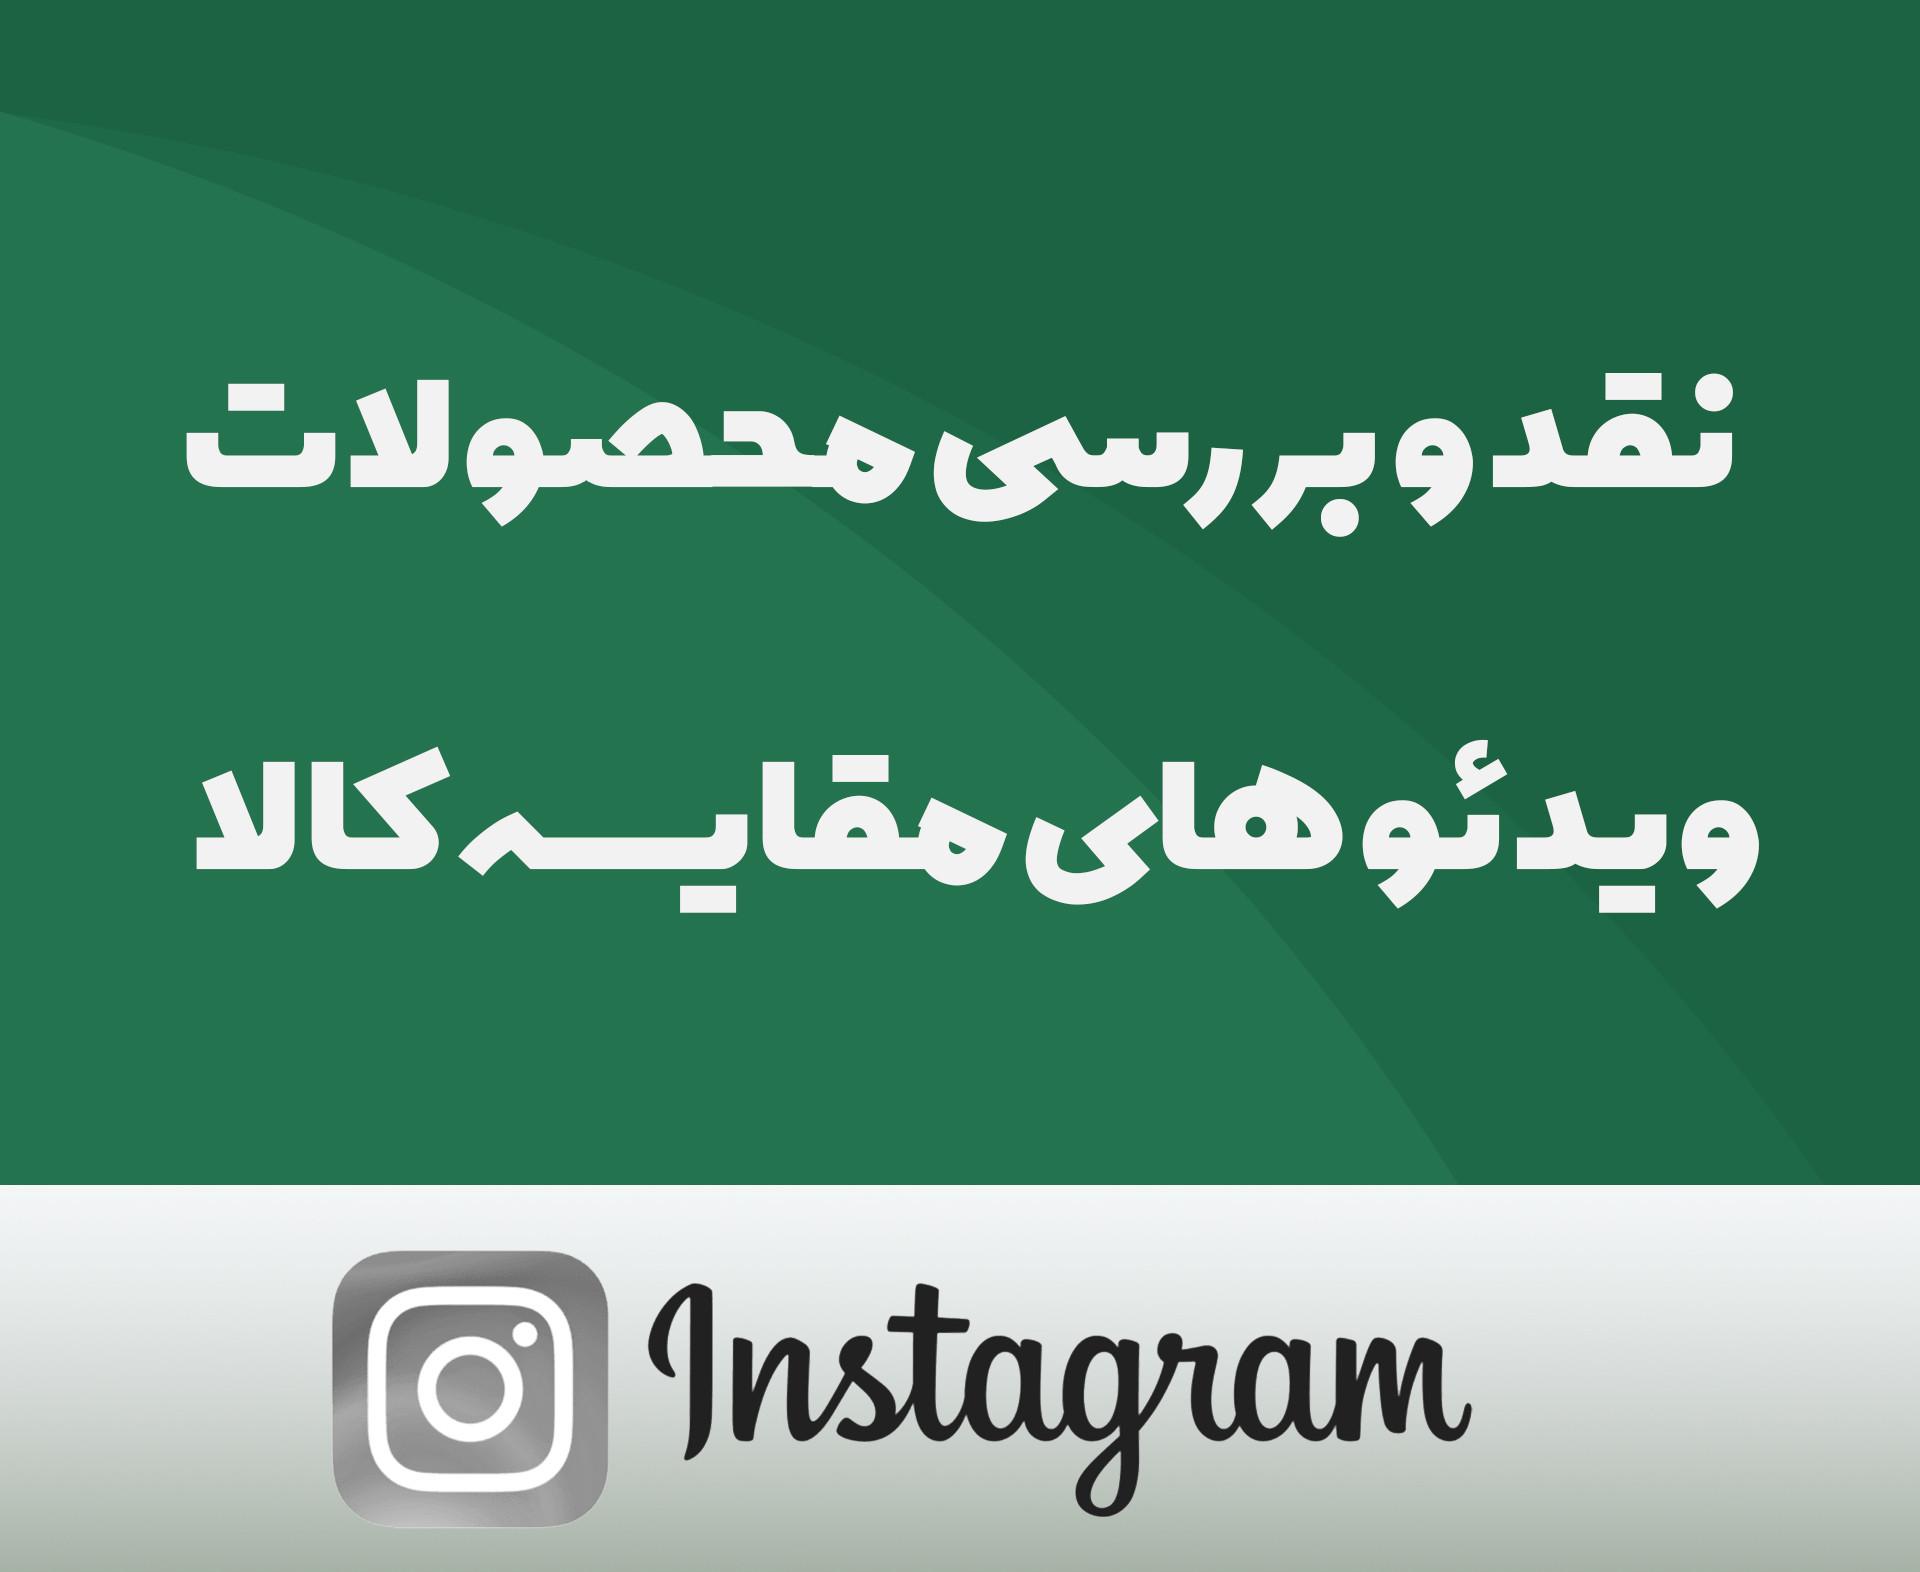 dadbanshop instagram page